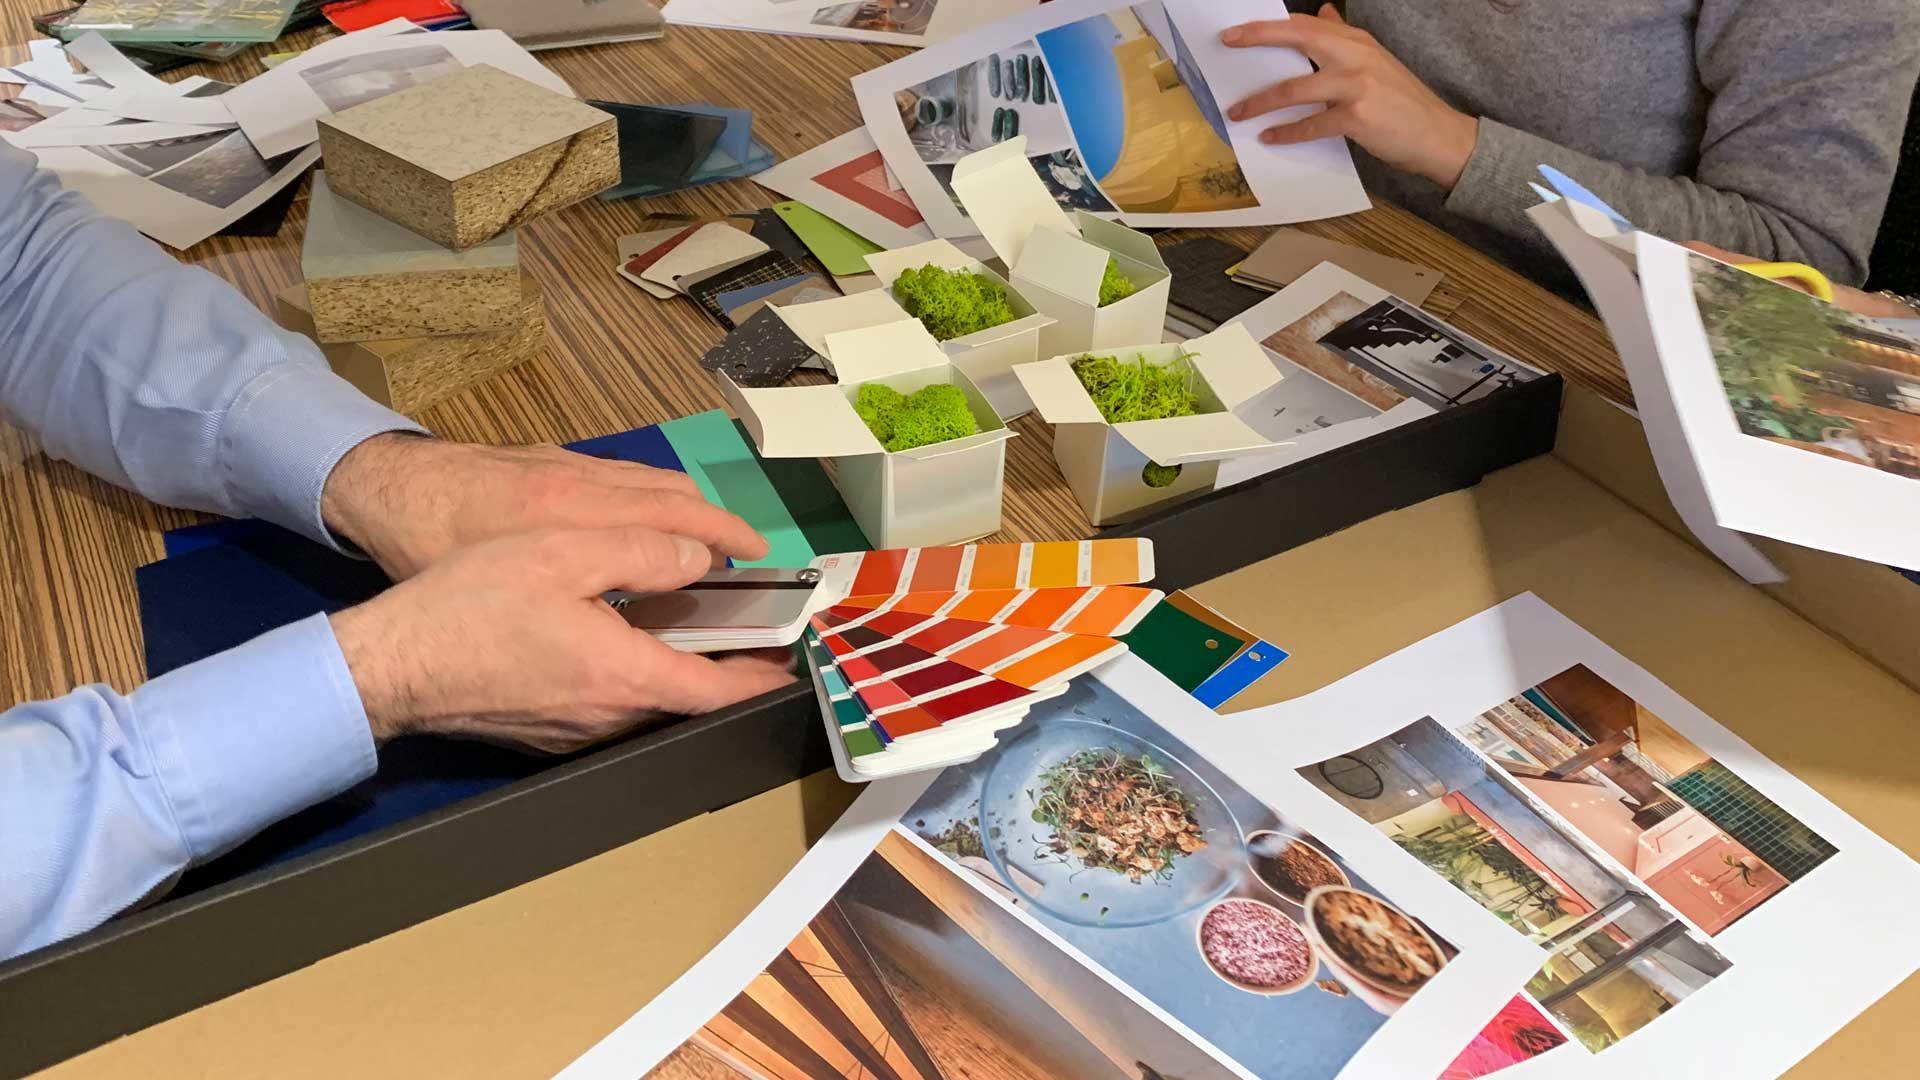 Designer-per-un-giorno-le-regole-per-creare-una-moodboard-impeccabile